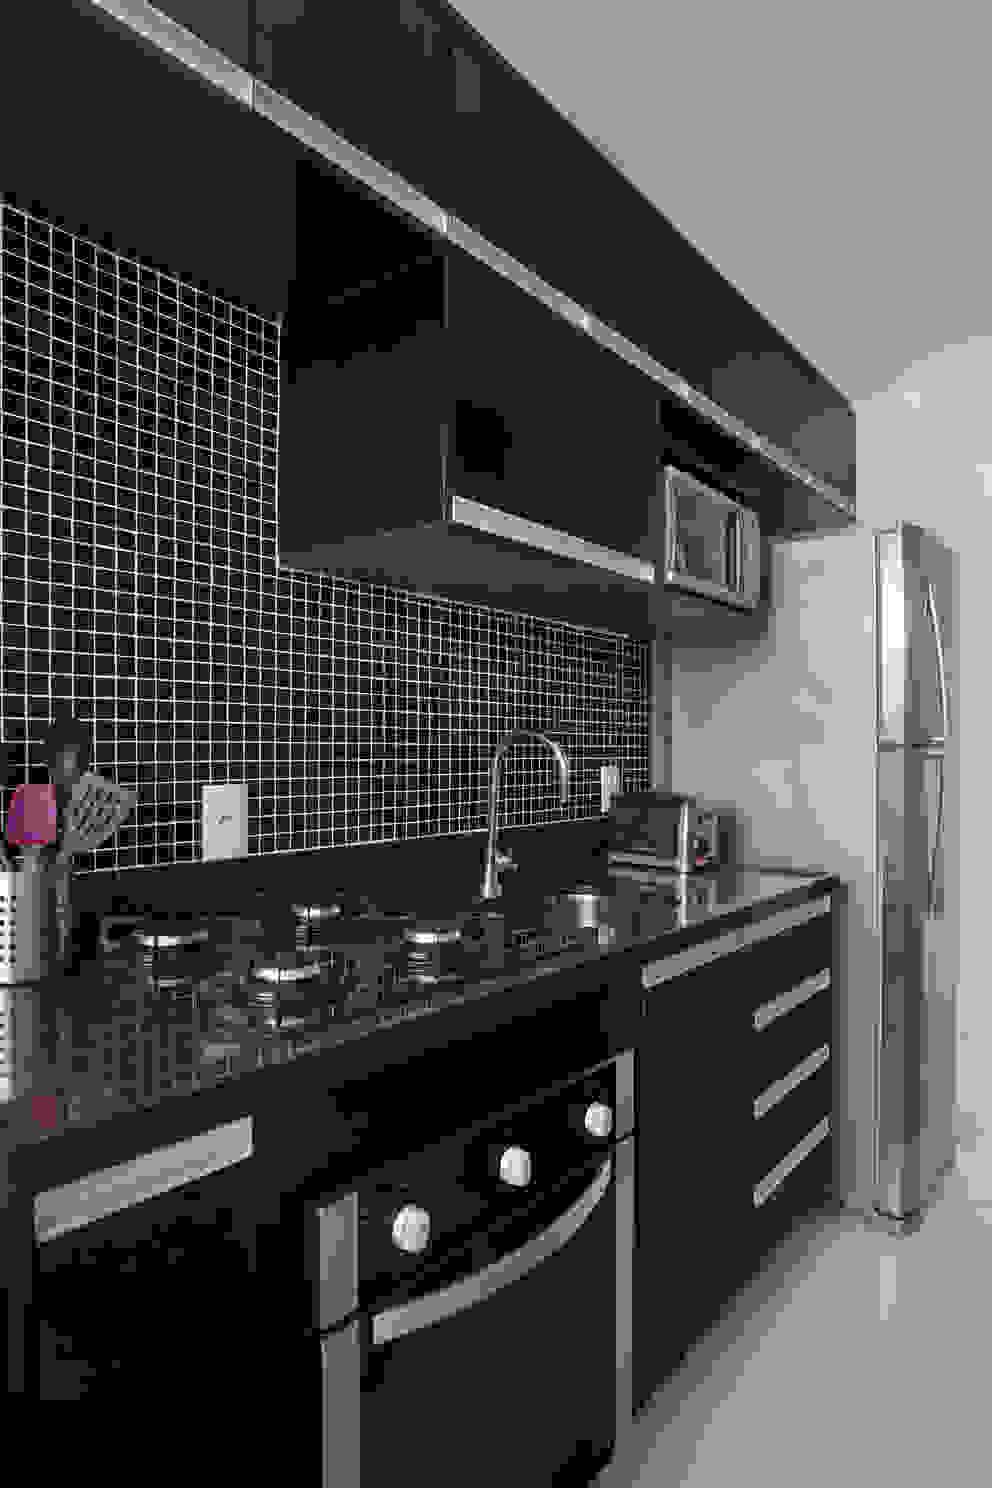 Apartamento pequeno Cozinhas modernas por Carolina Mendonça Projetos de Arquitetura e Interiores LTDA Moderno